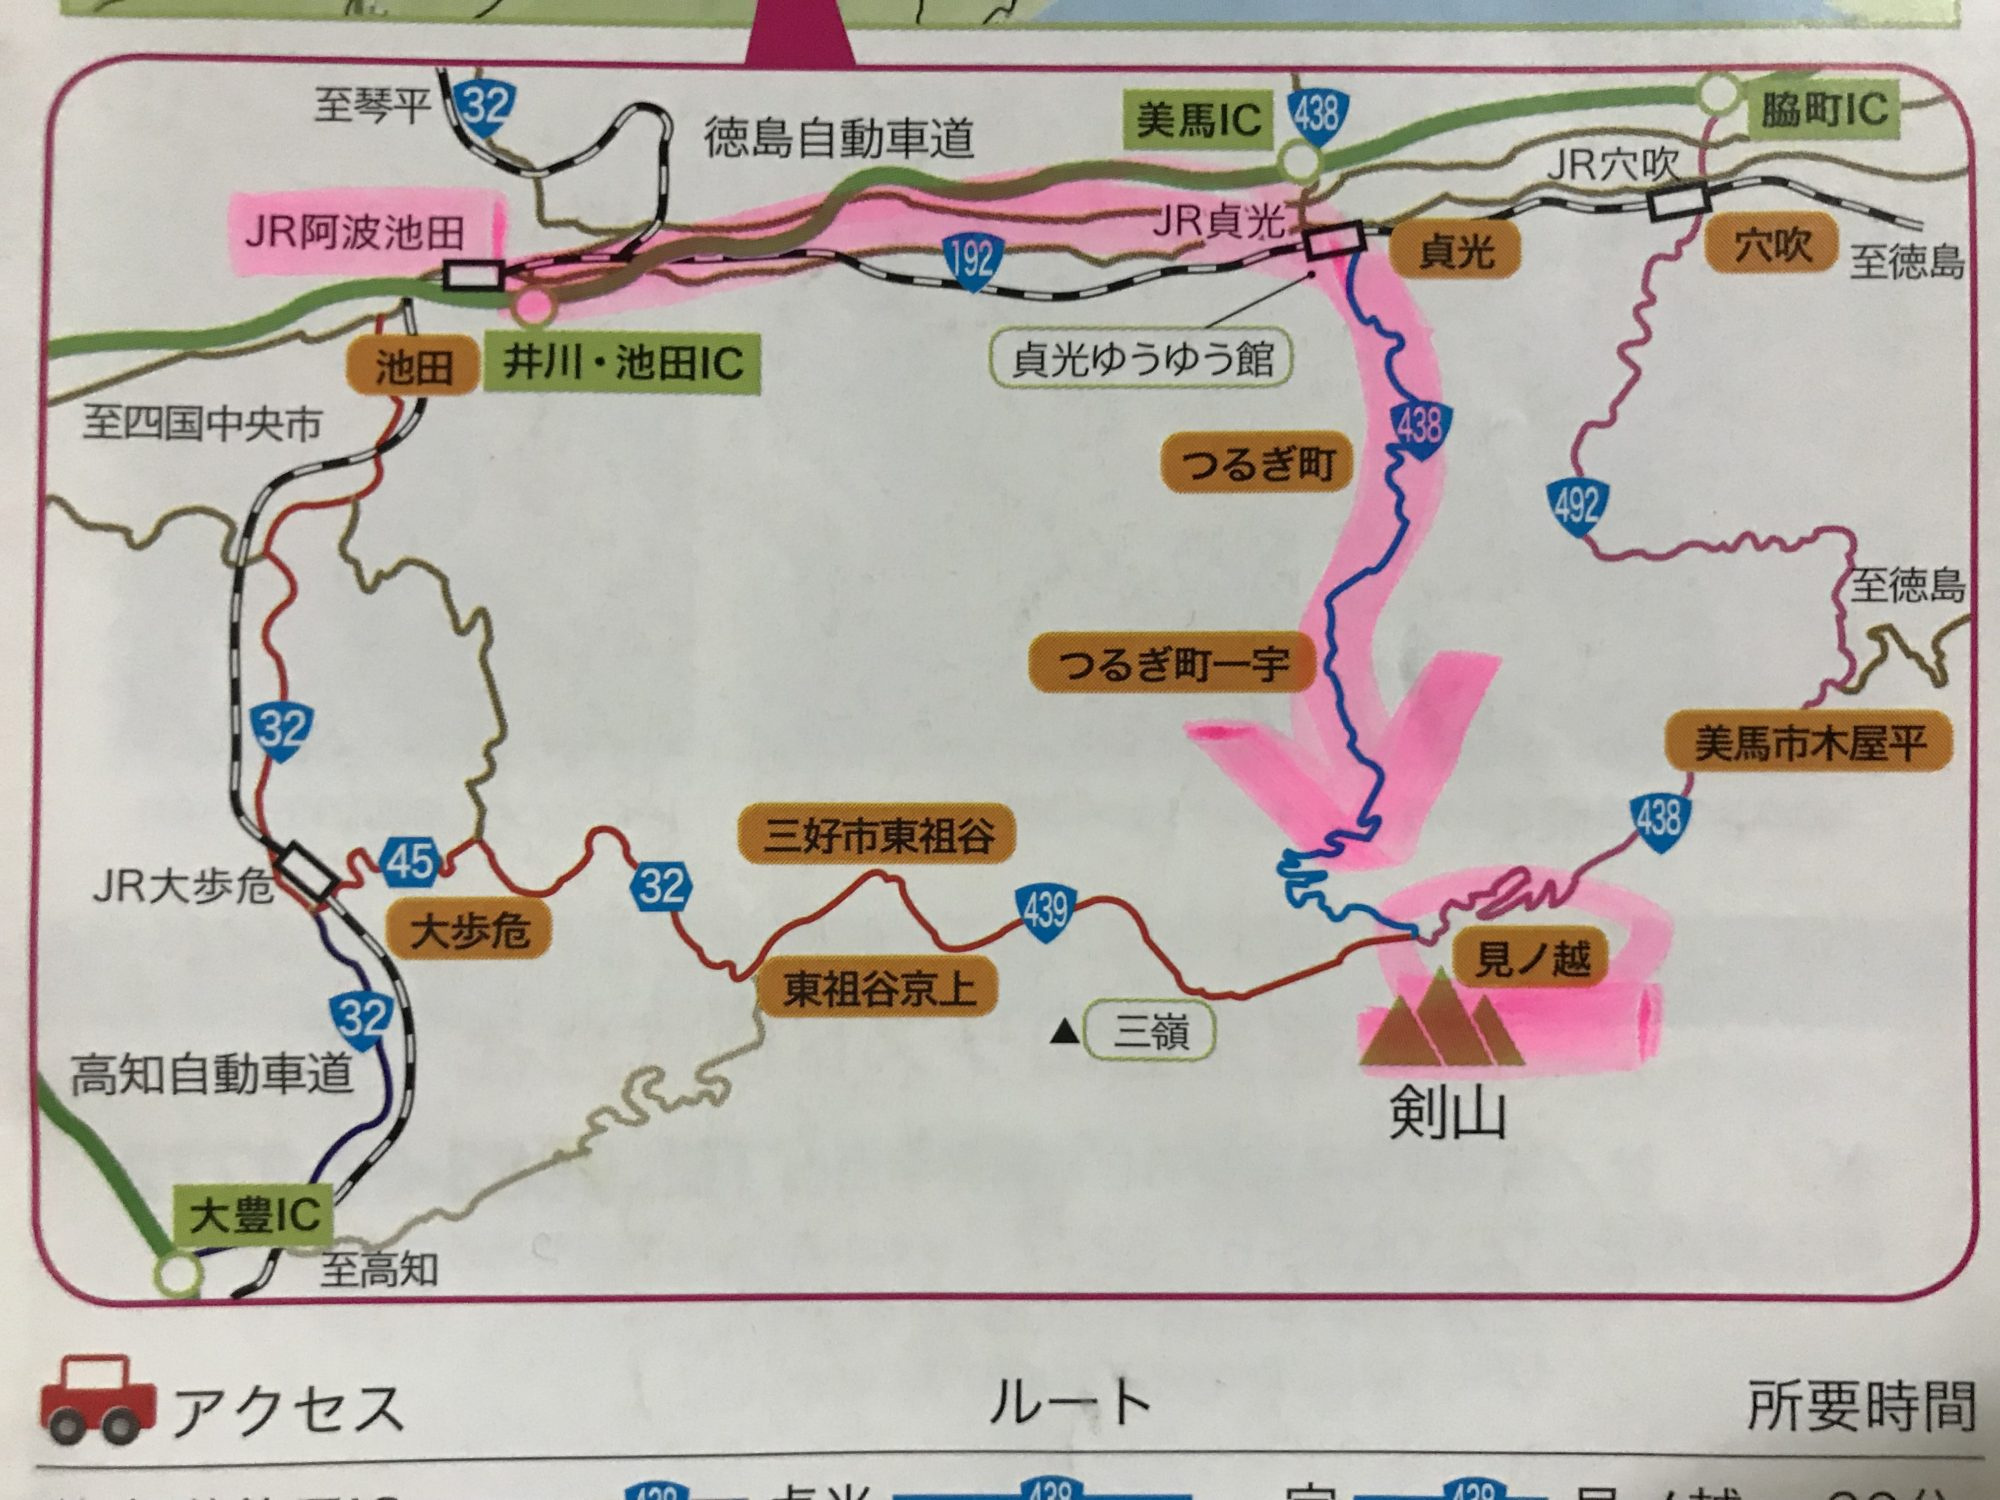 剣山へのルート